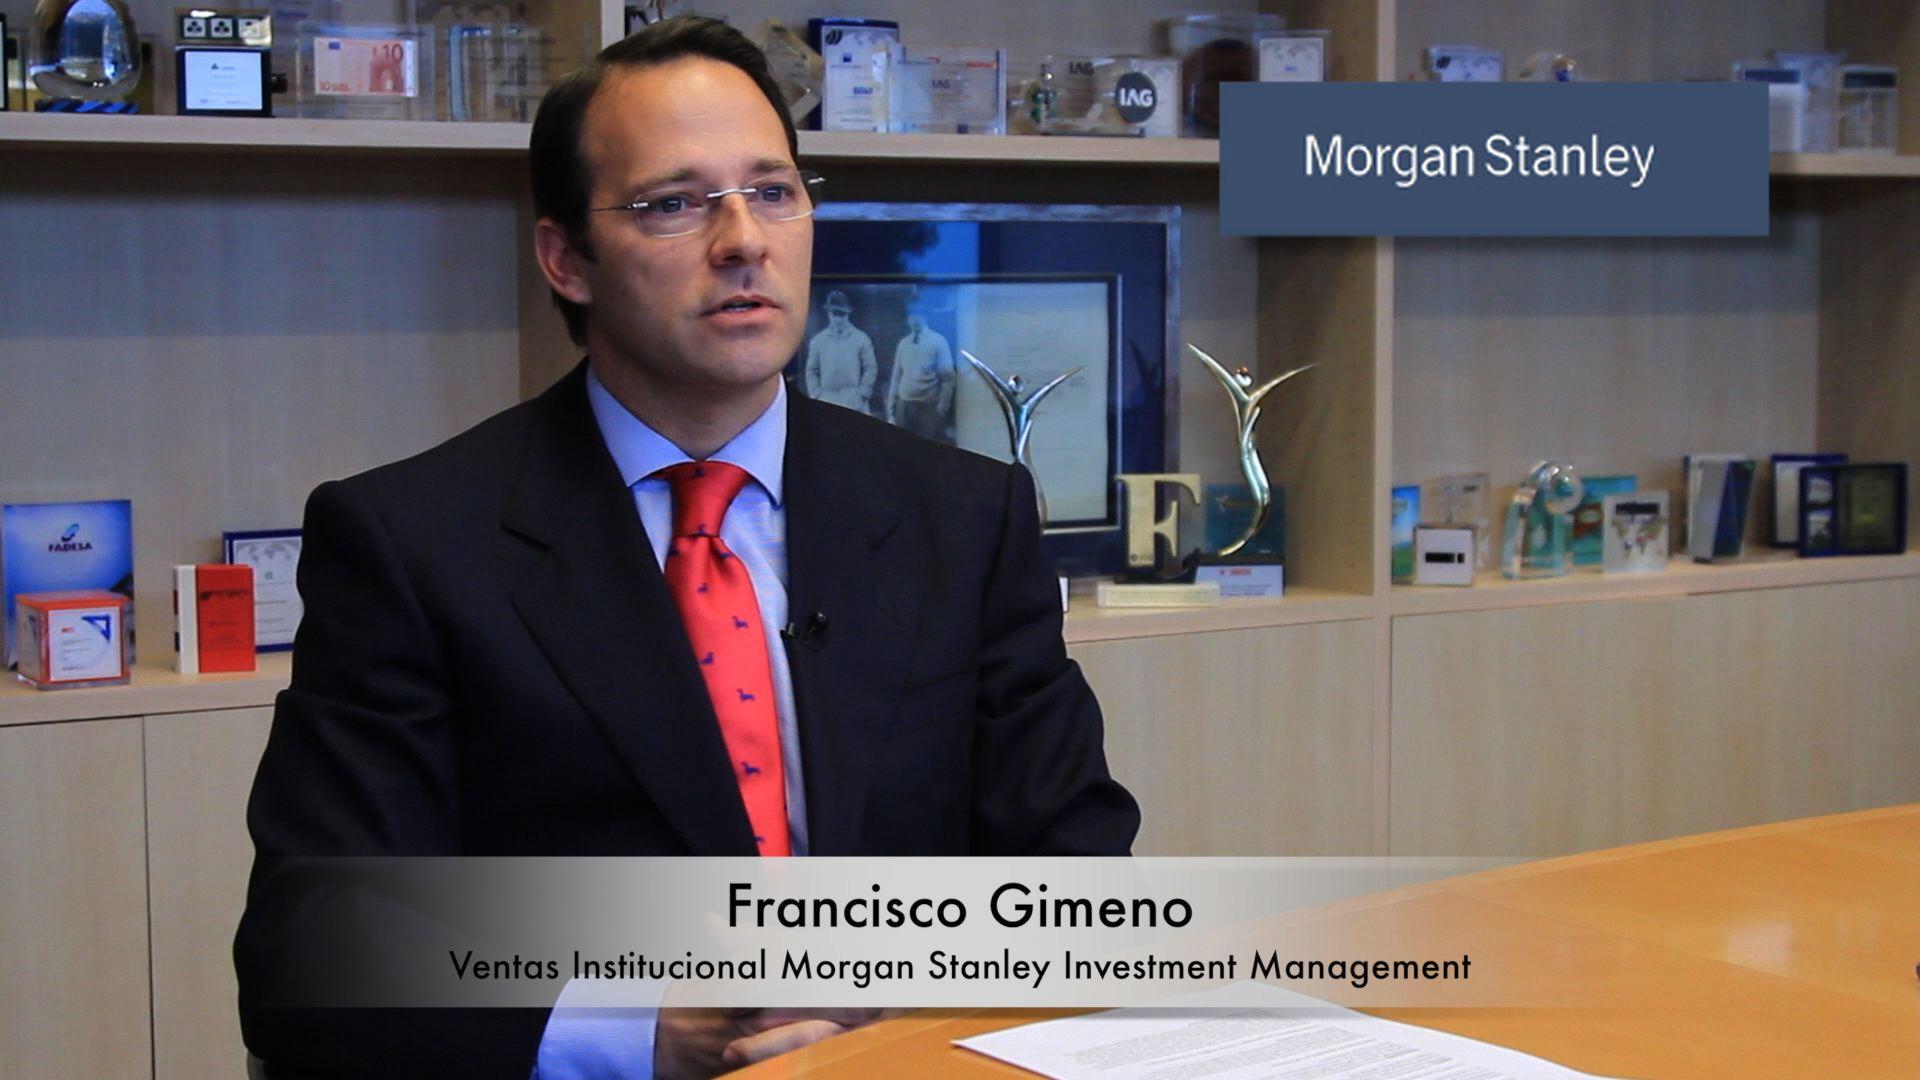 Francisco Gimeno (Morgan Stanley): 'El balance de La Batalla de los Fondos es positivo, hay que estar siempre muy encima de los mercados'